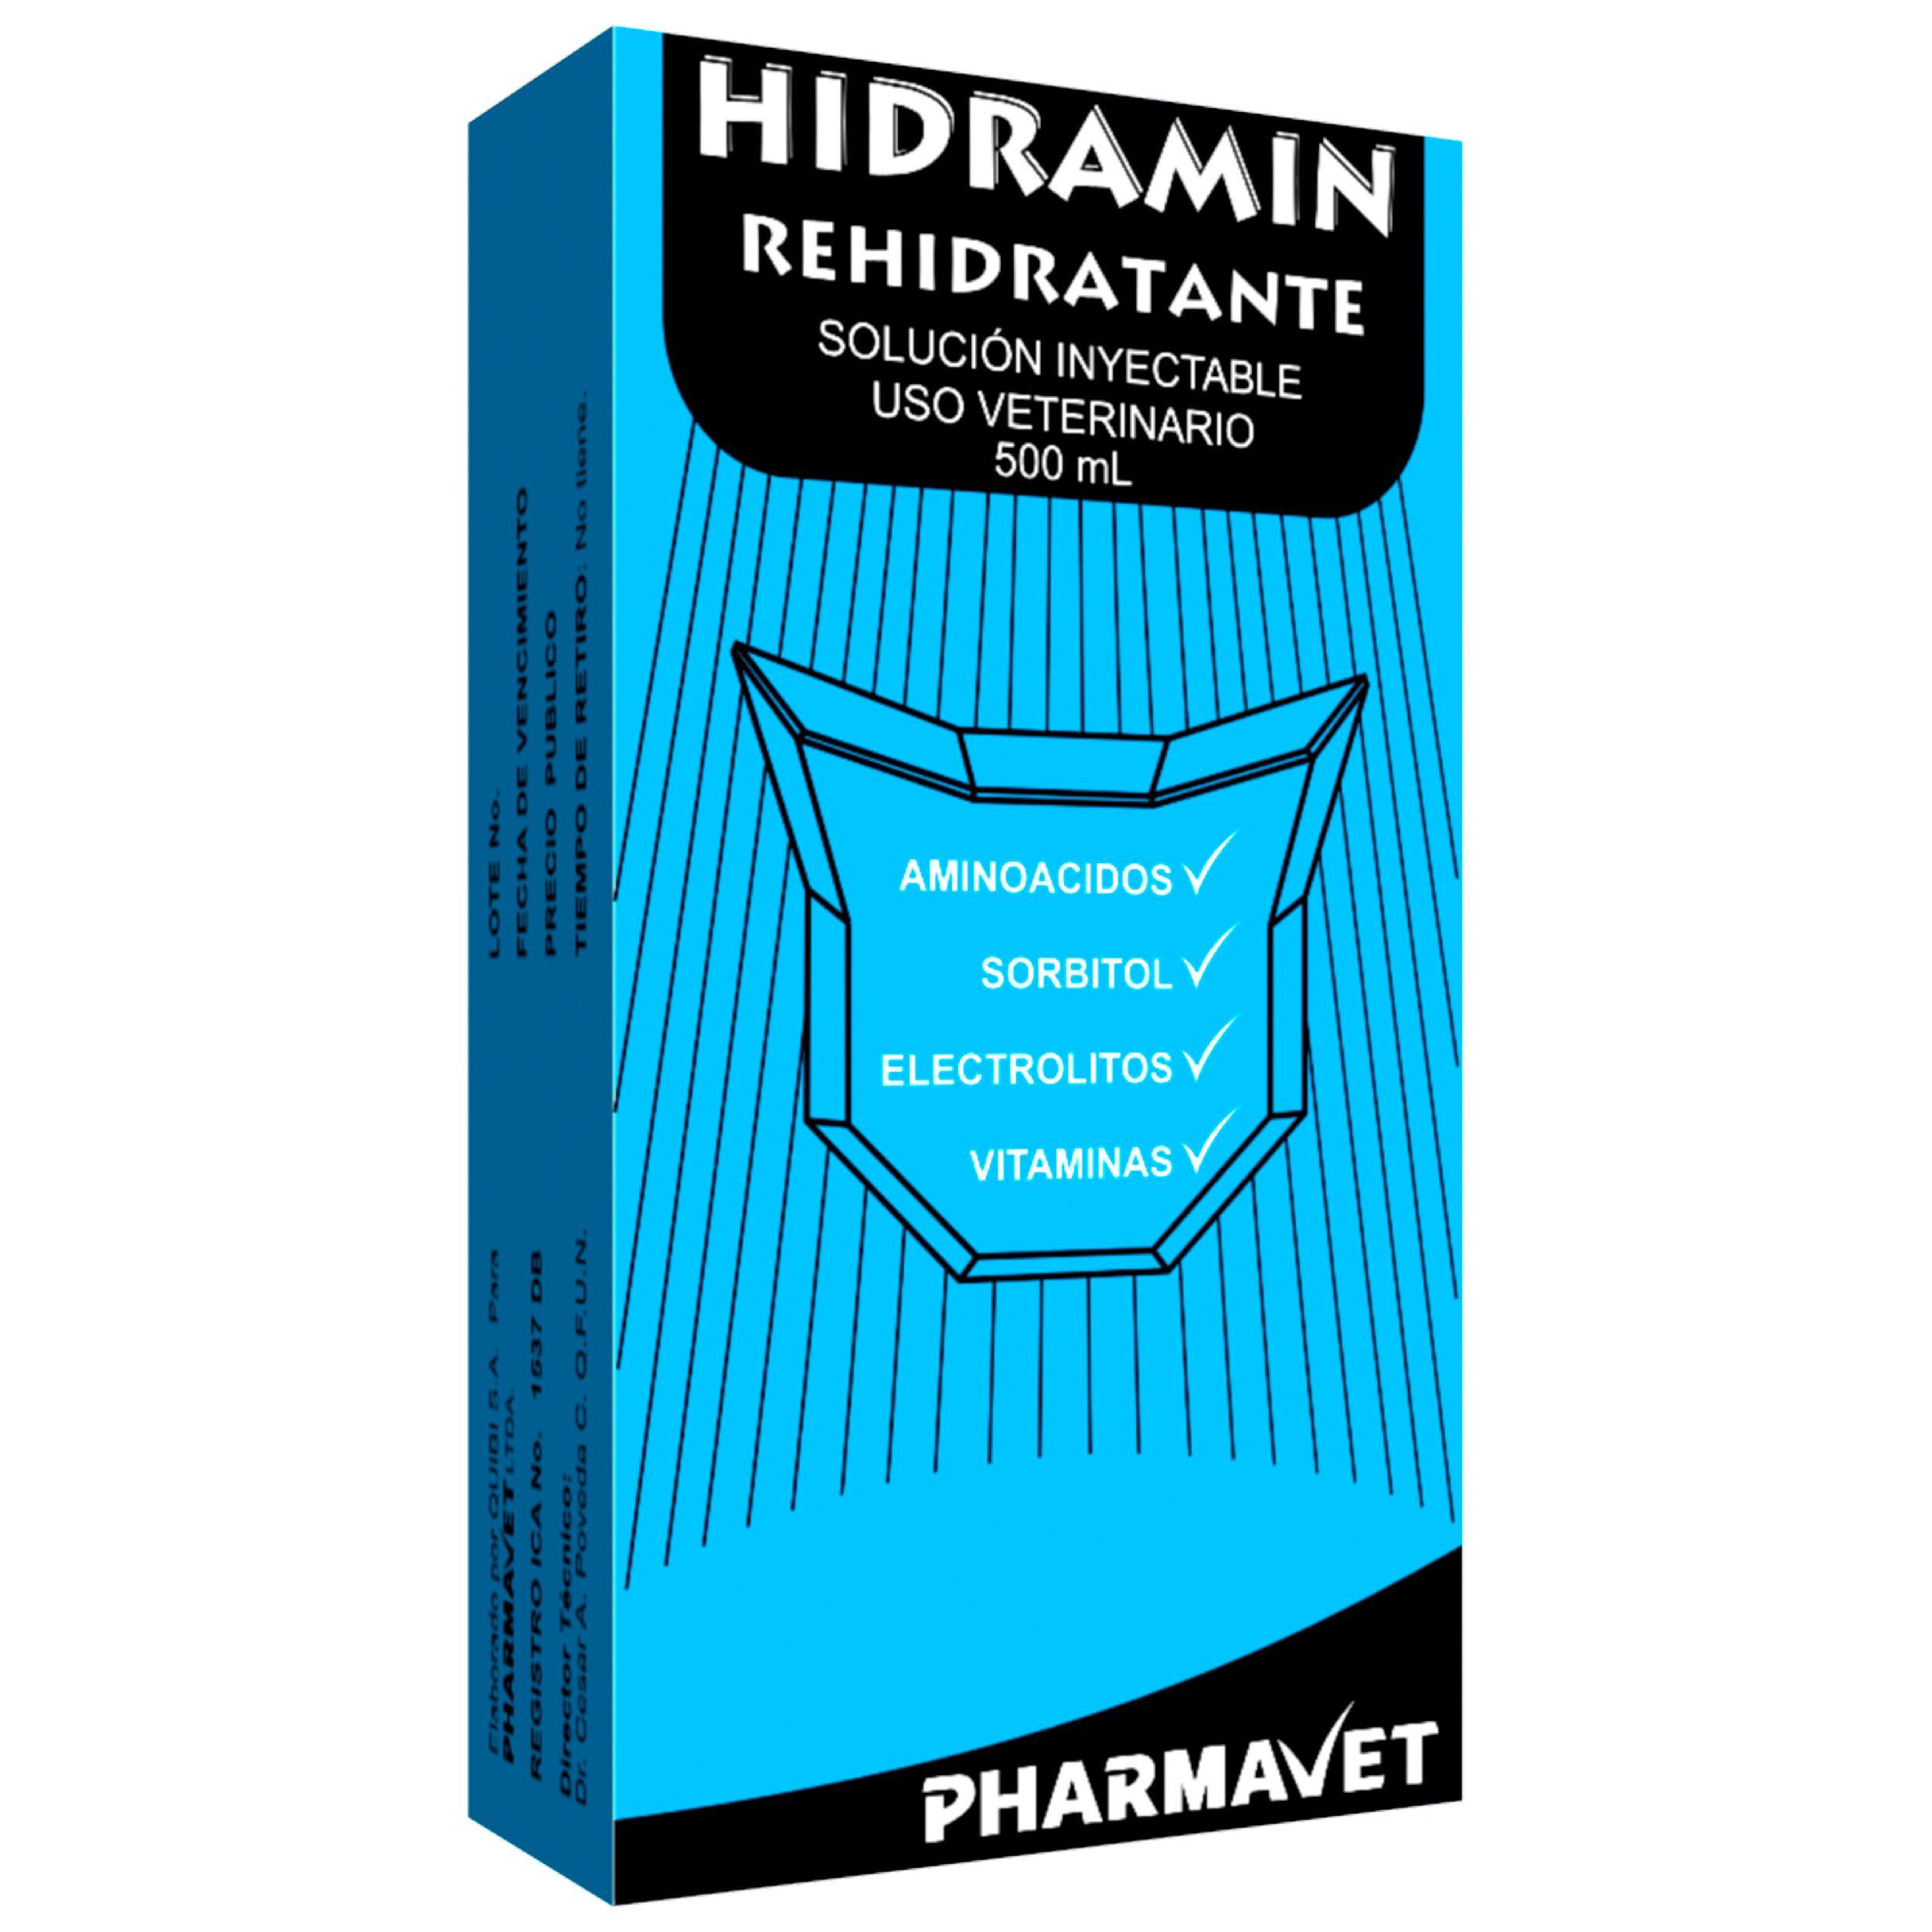 Hidramin Rehidratante.jpg